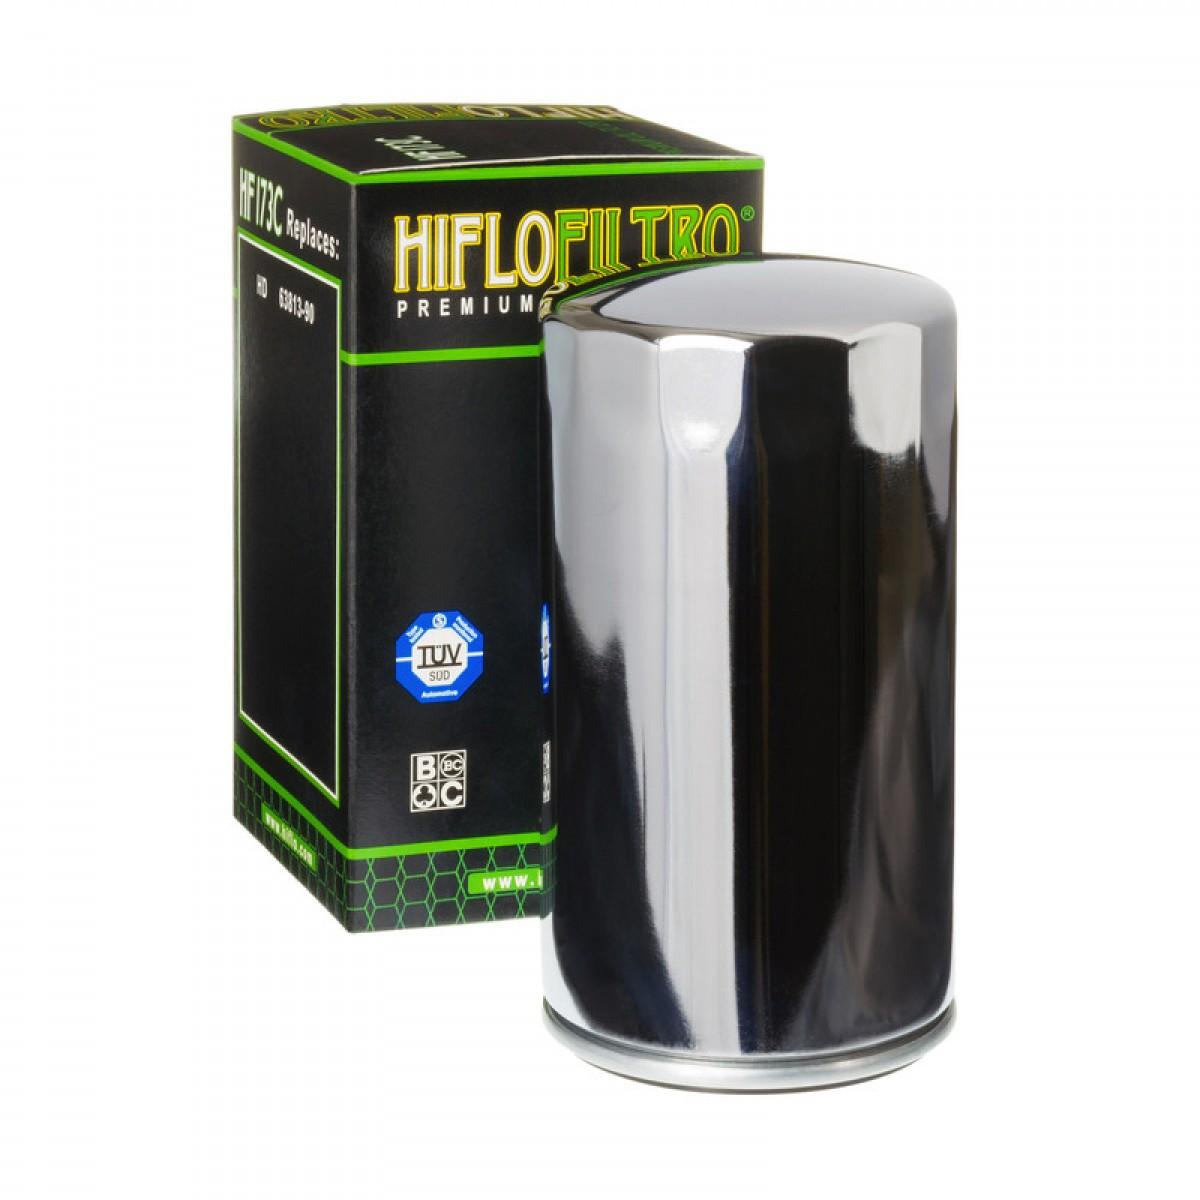 Harley Hiflofltro Cromato Dyna Glide 91-98 Filtro olio